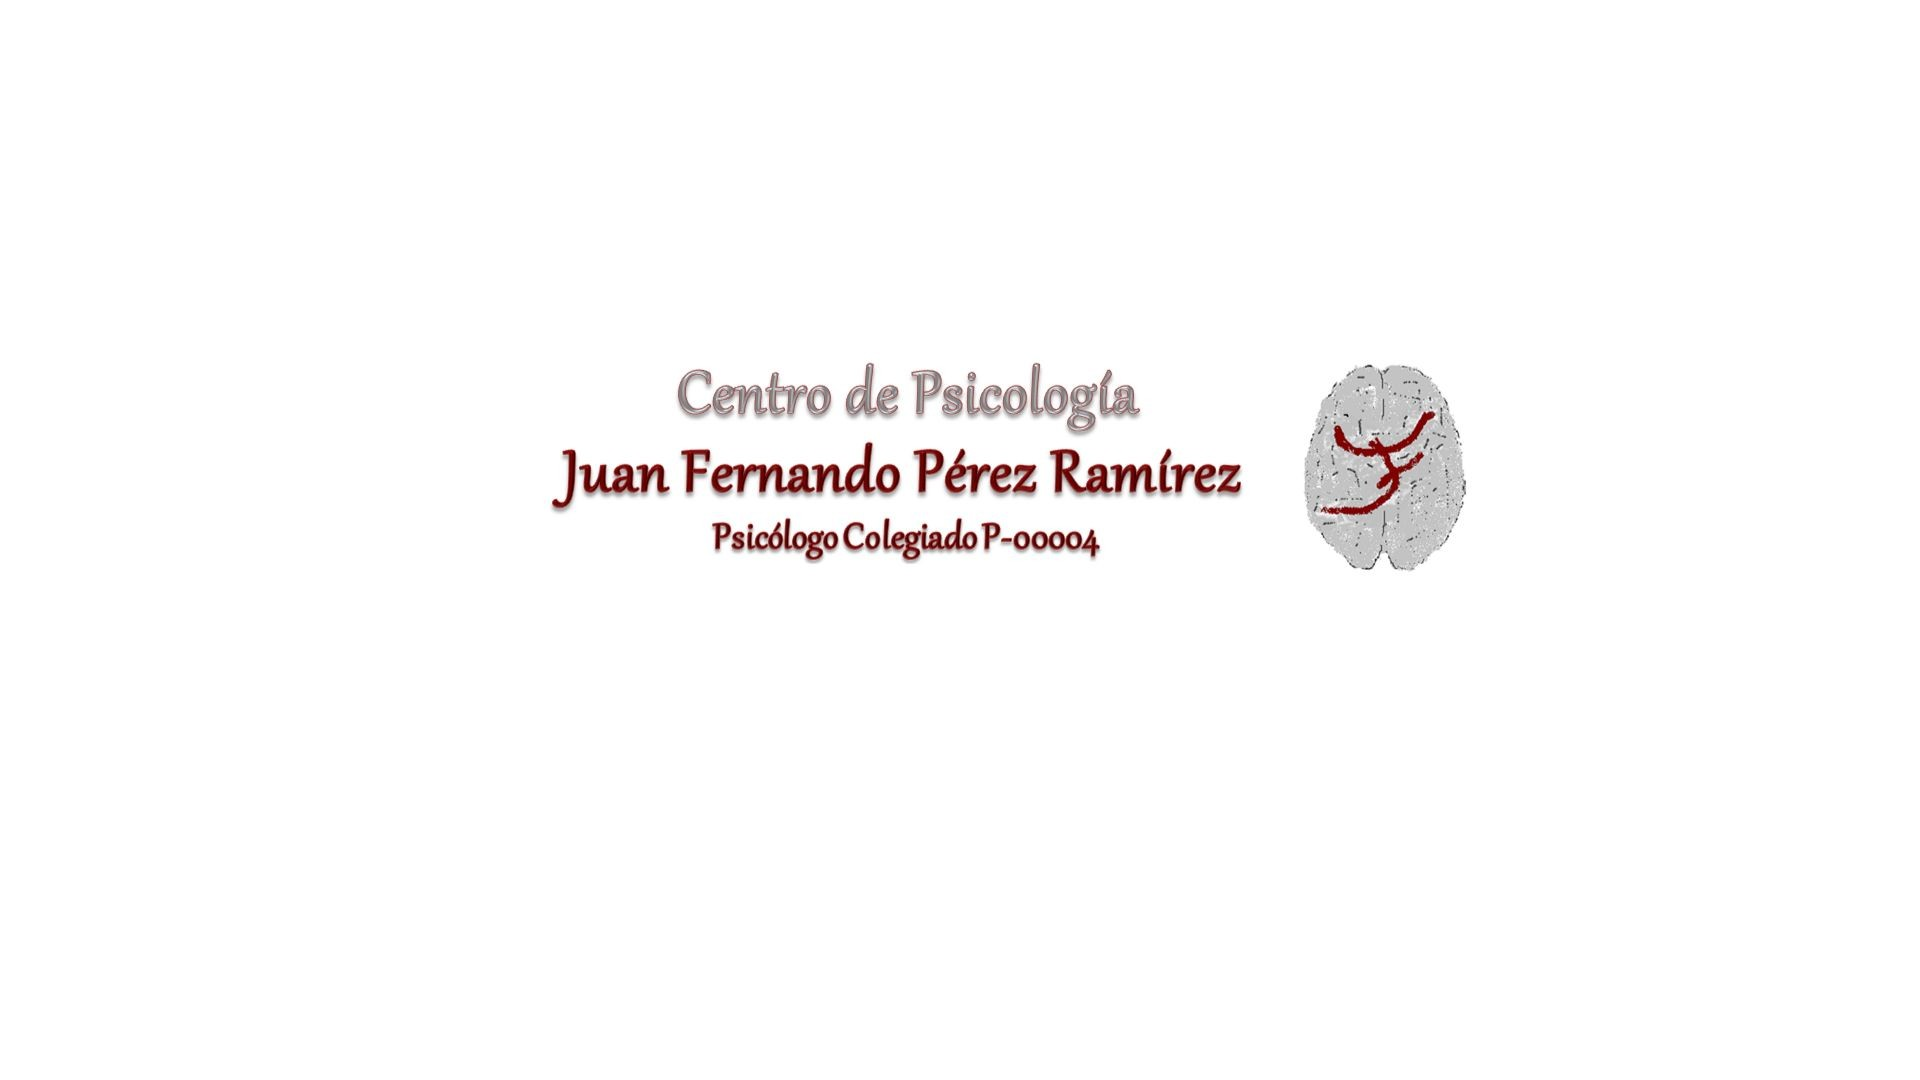 Psicólogo Juan Fernando Pérez Ramírez